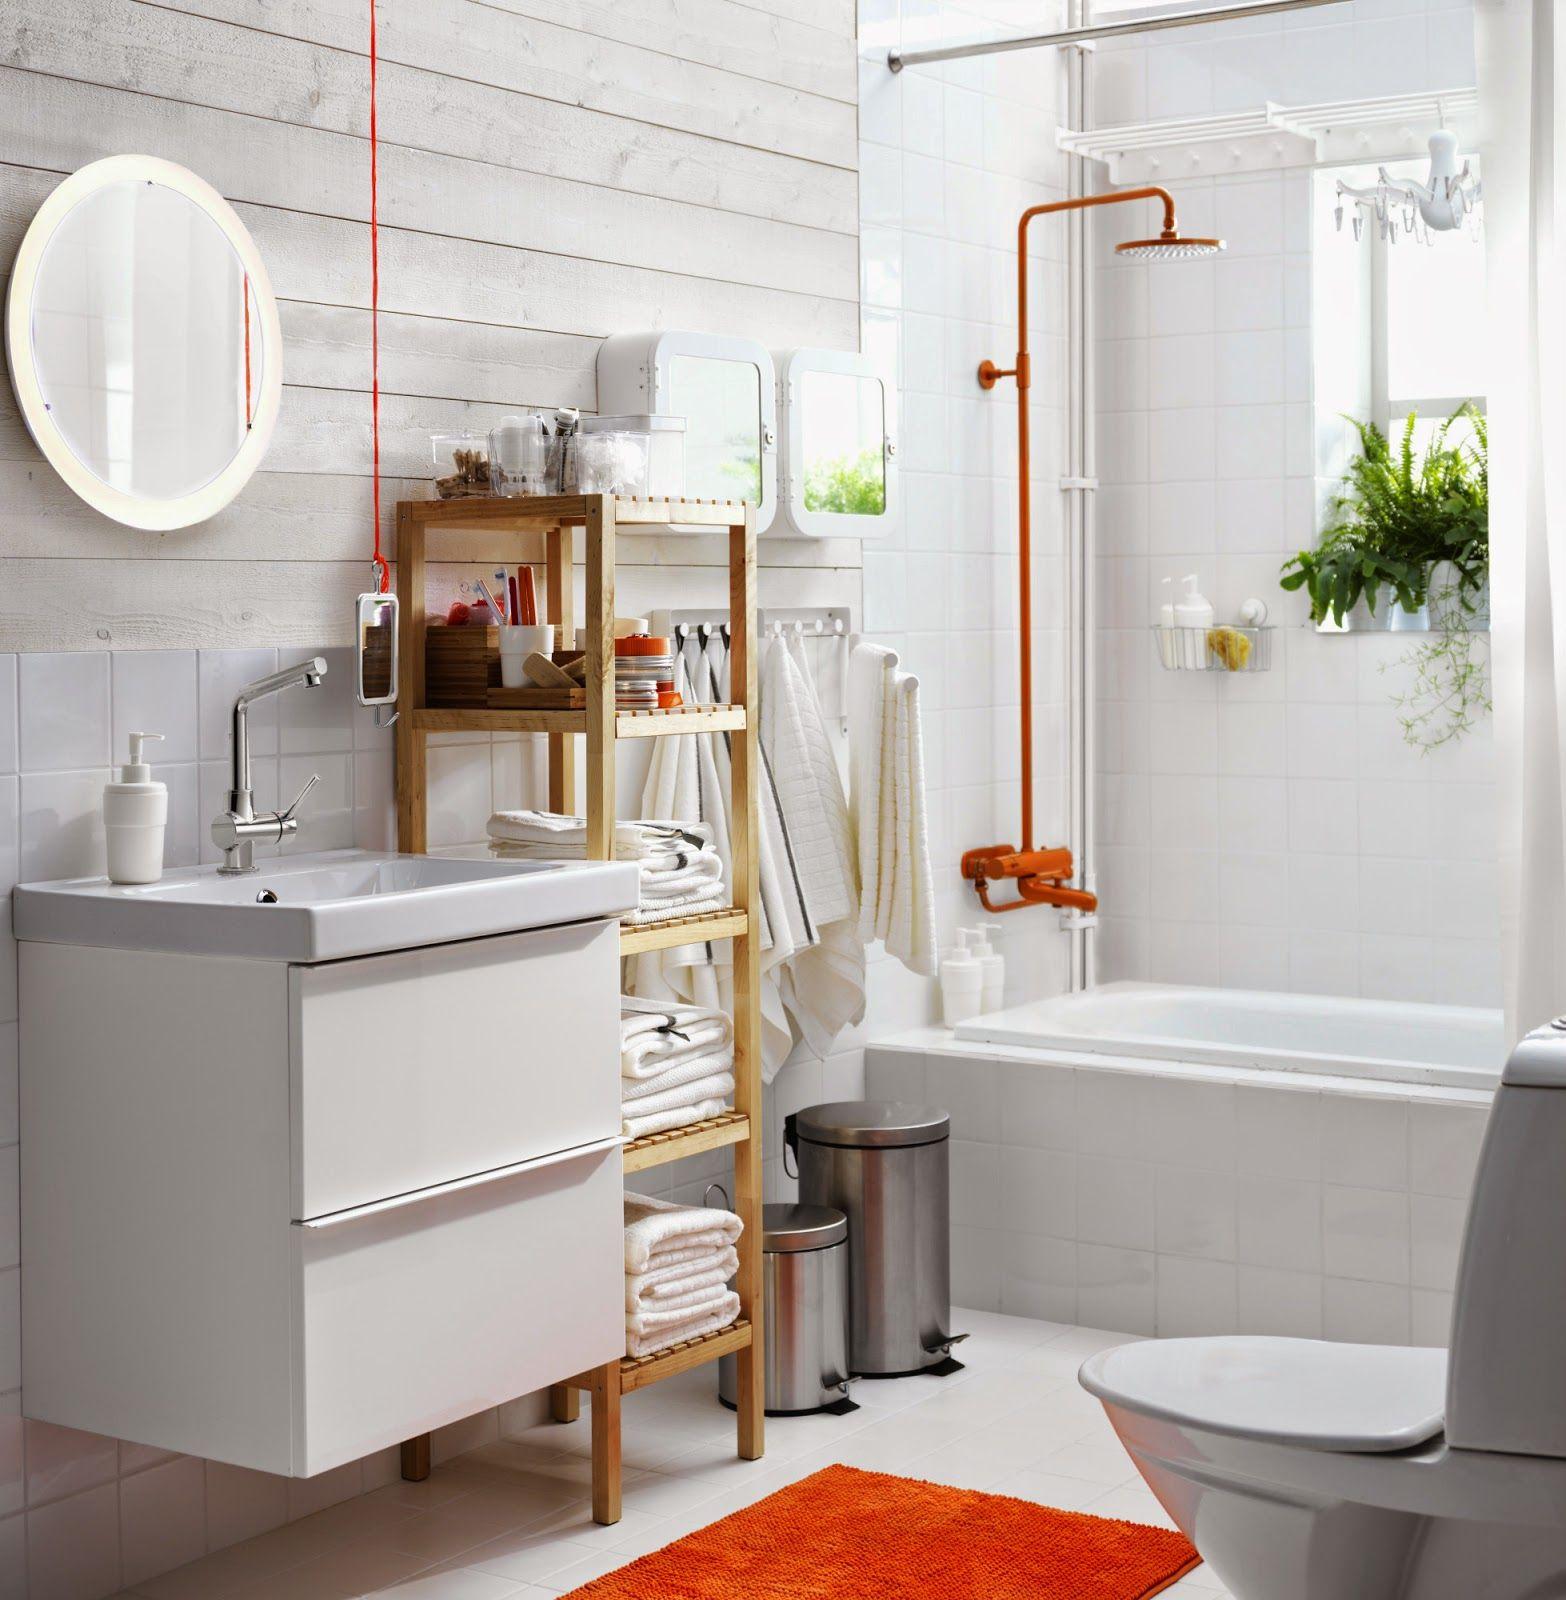 bathroom cabinet online design tool%0A Jurnal de design interior  Amenaj  ri interioare   Noul catalogul lansat de  IKEA este disponibil   i